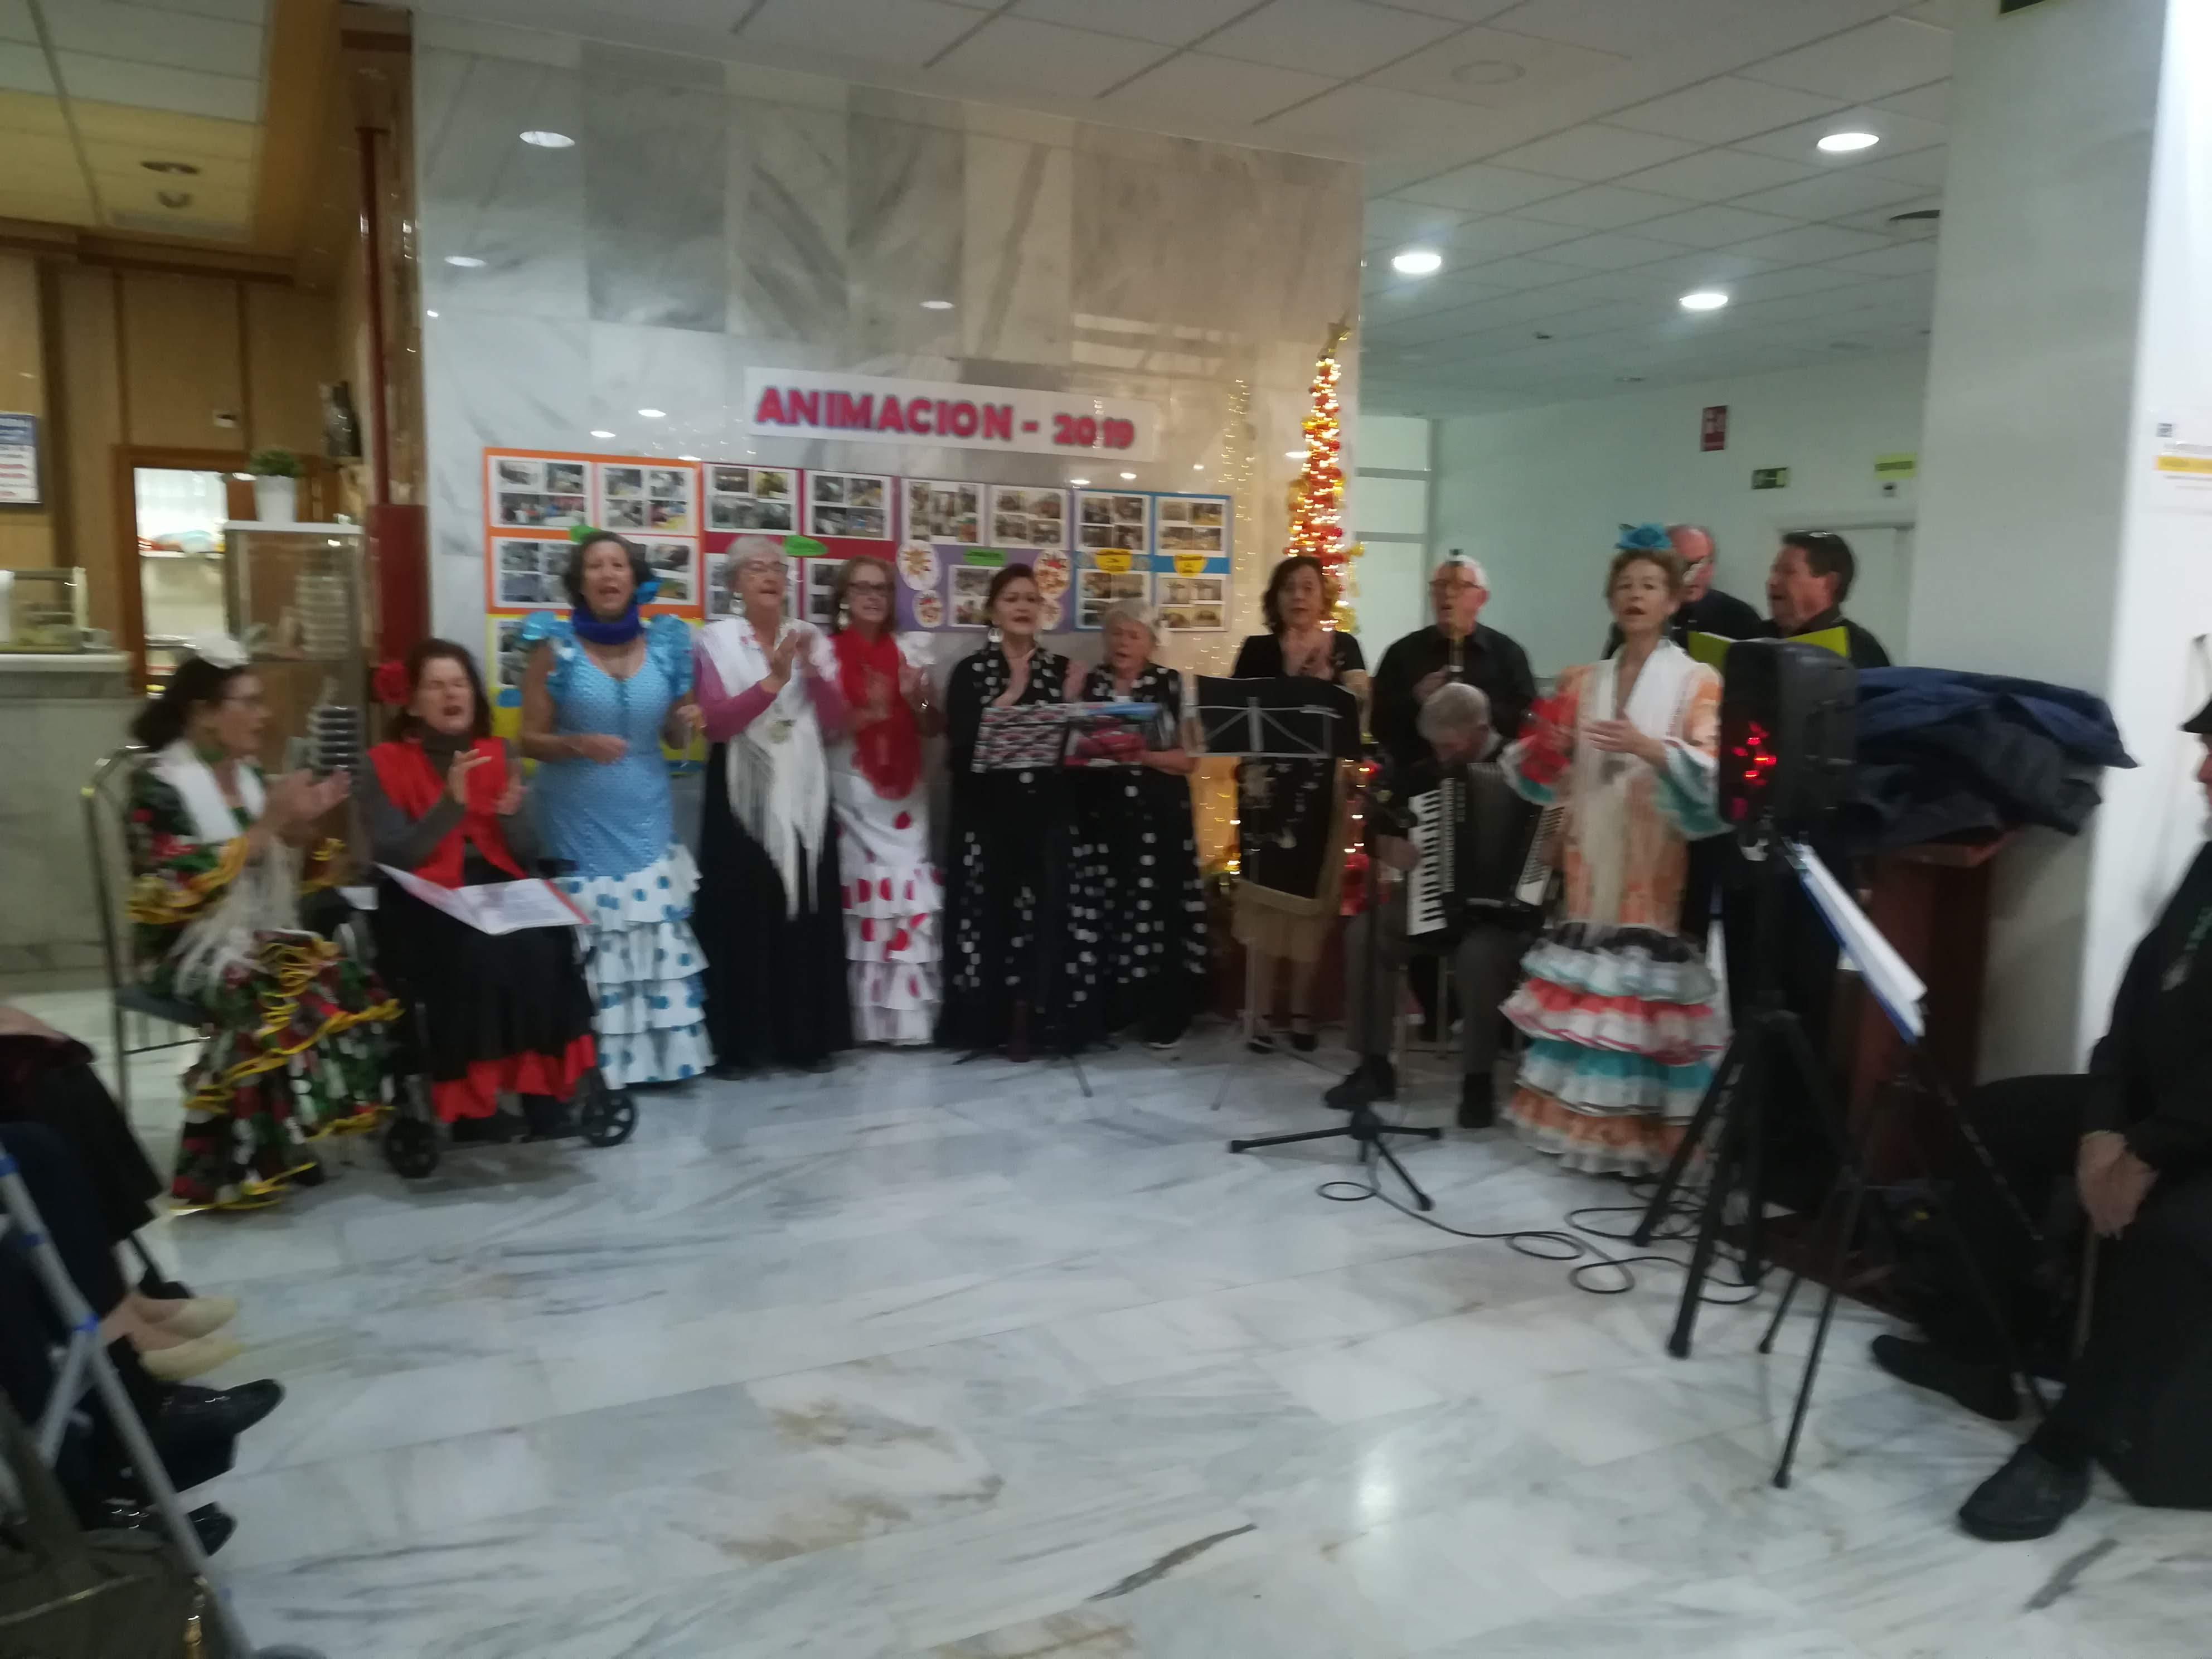 Los residentes de Urbanización de Mayores disfrutan de los Villancicos interpretados por un espectacular Coro Rociero